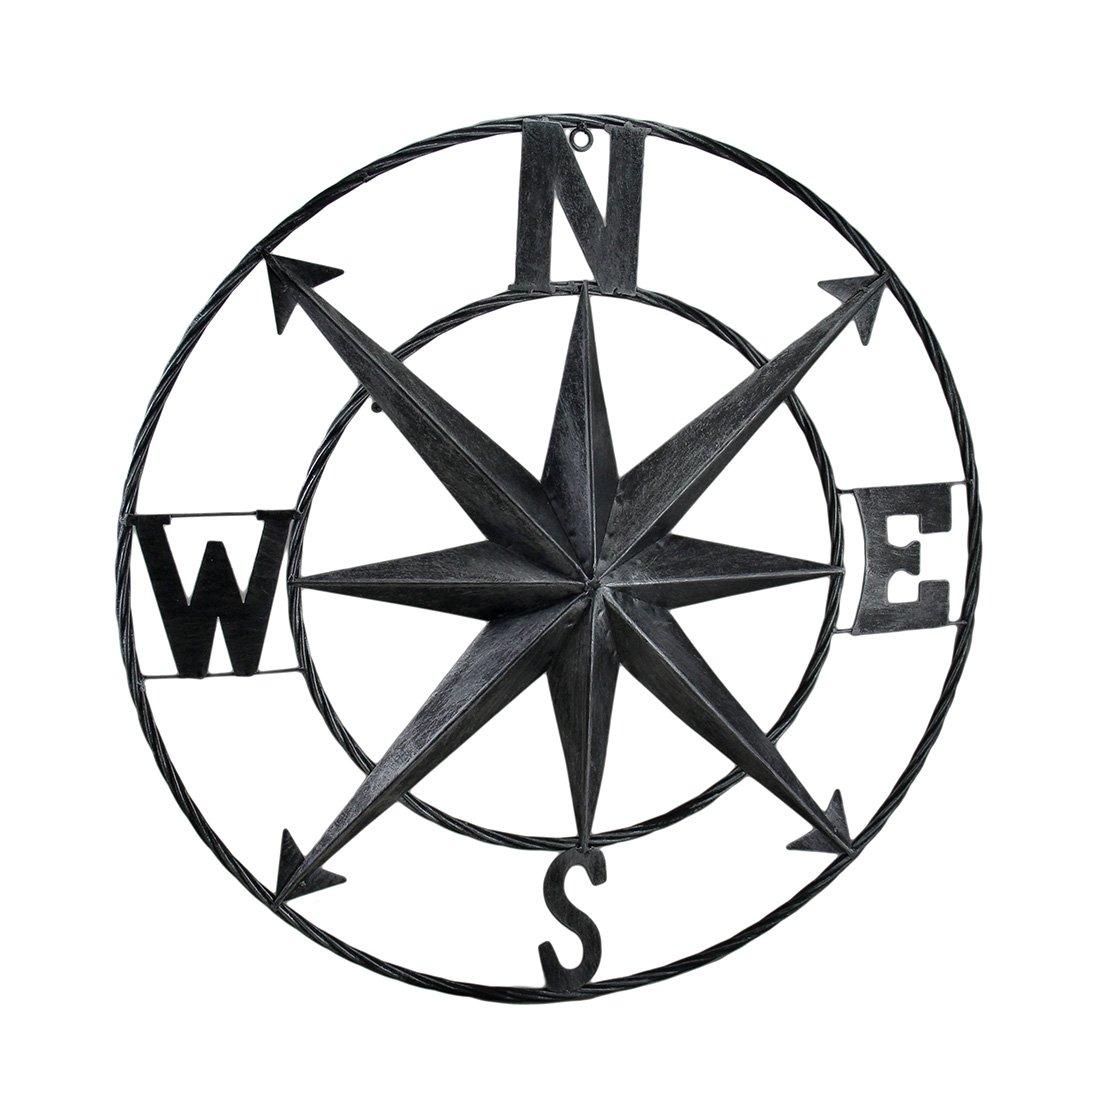 Dekorativer Kompass Rosen Metall Wand aufhängen